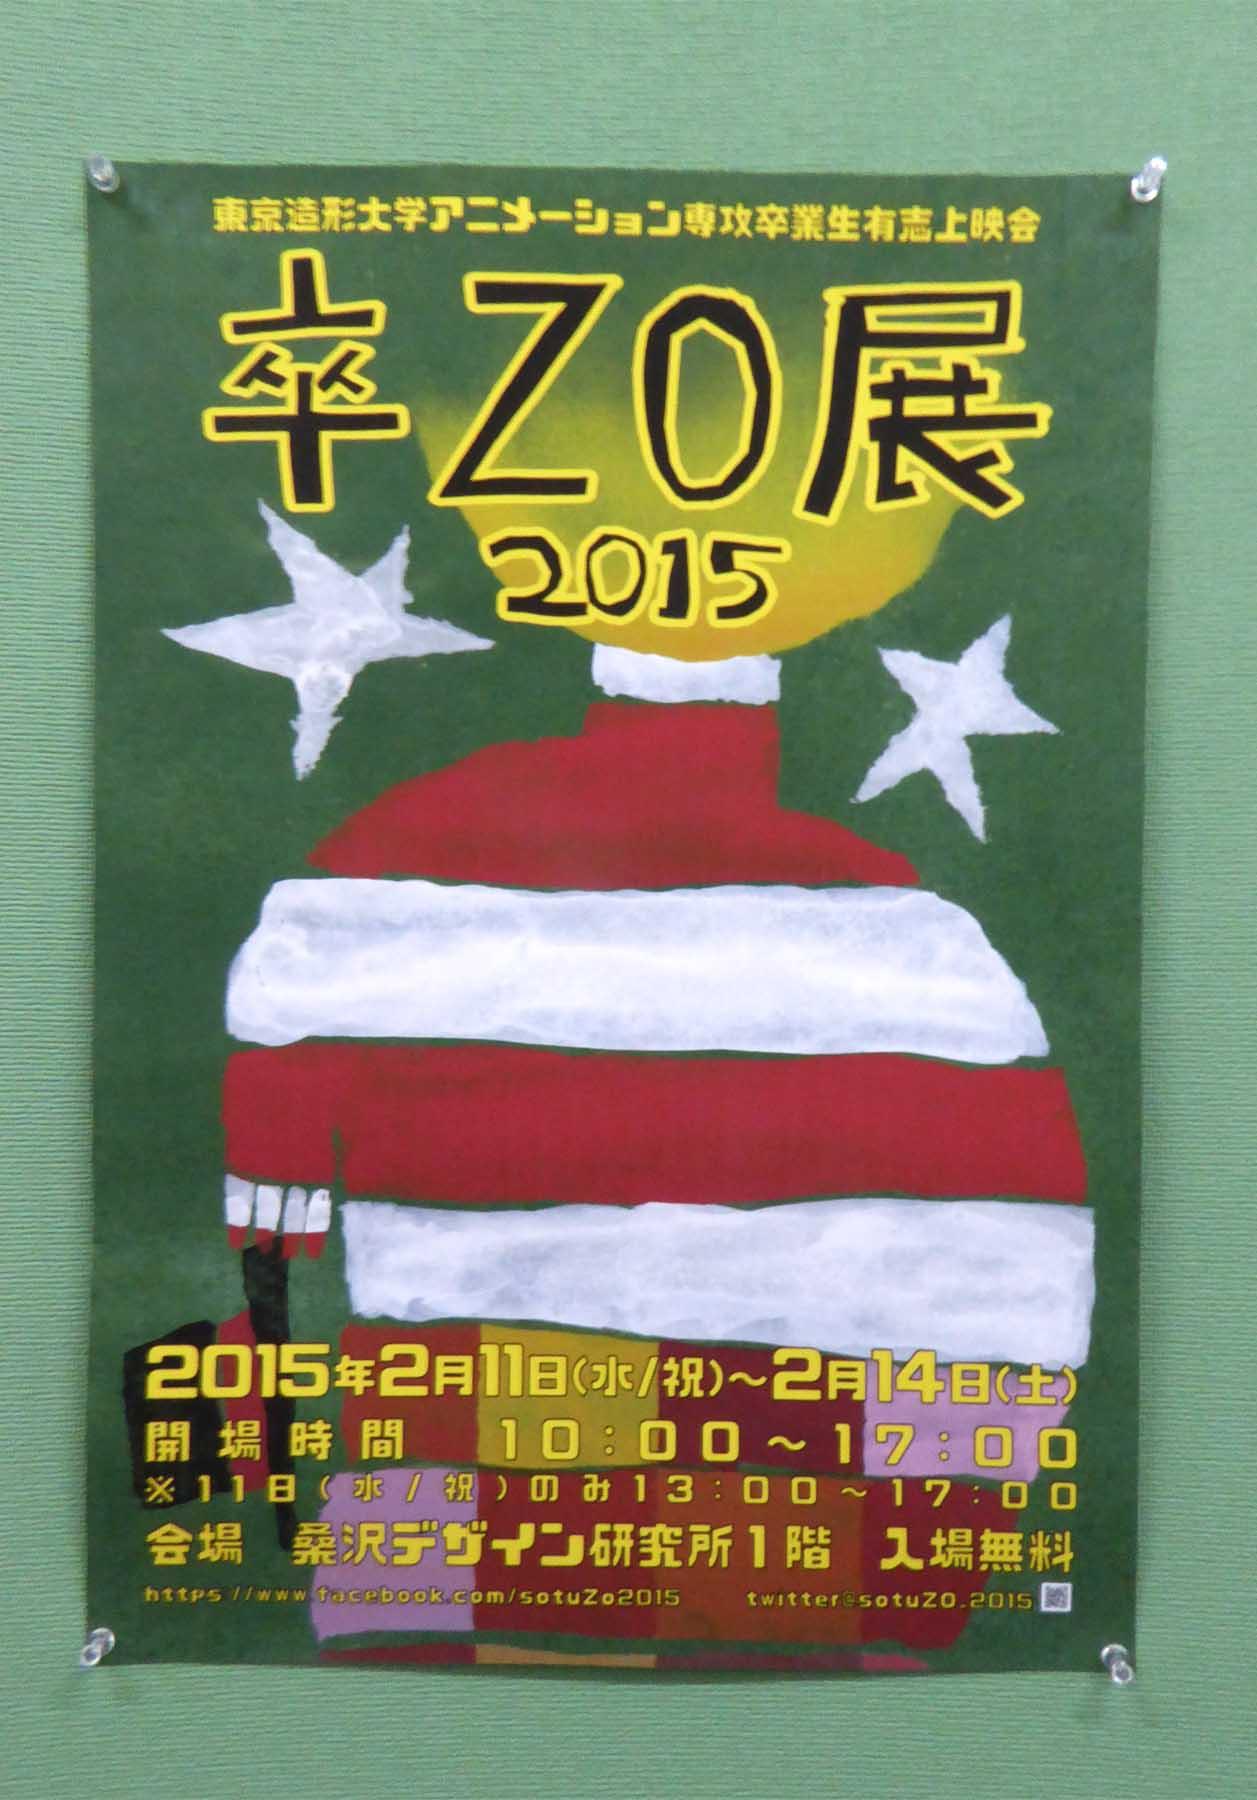 卒ZO展ポスター